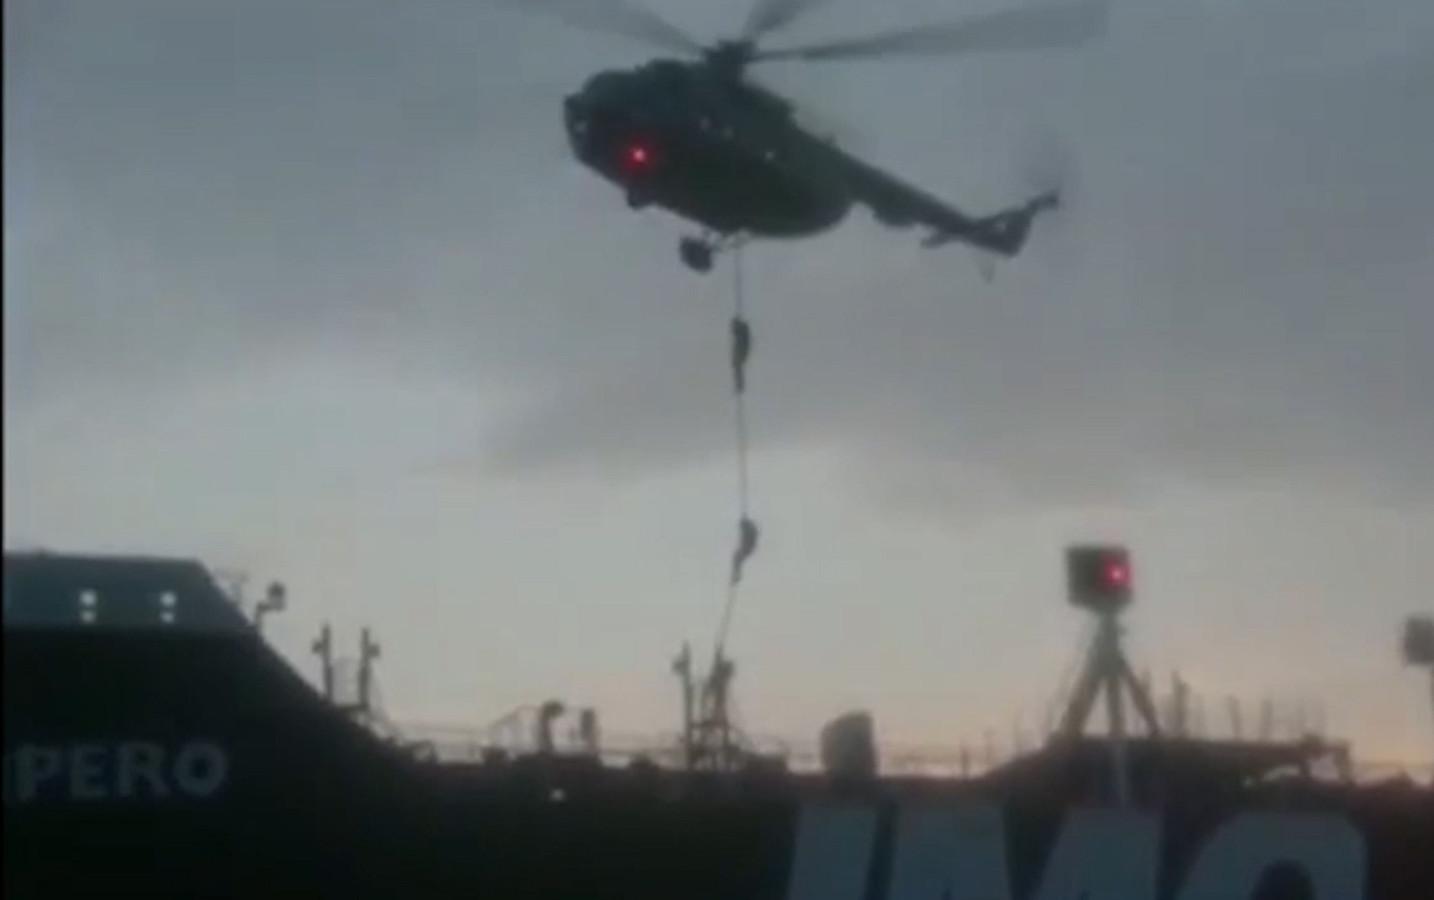 Leden van de garde laten zich uit een helikopter op het schip zakken.